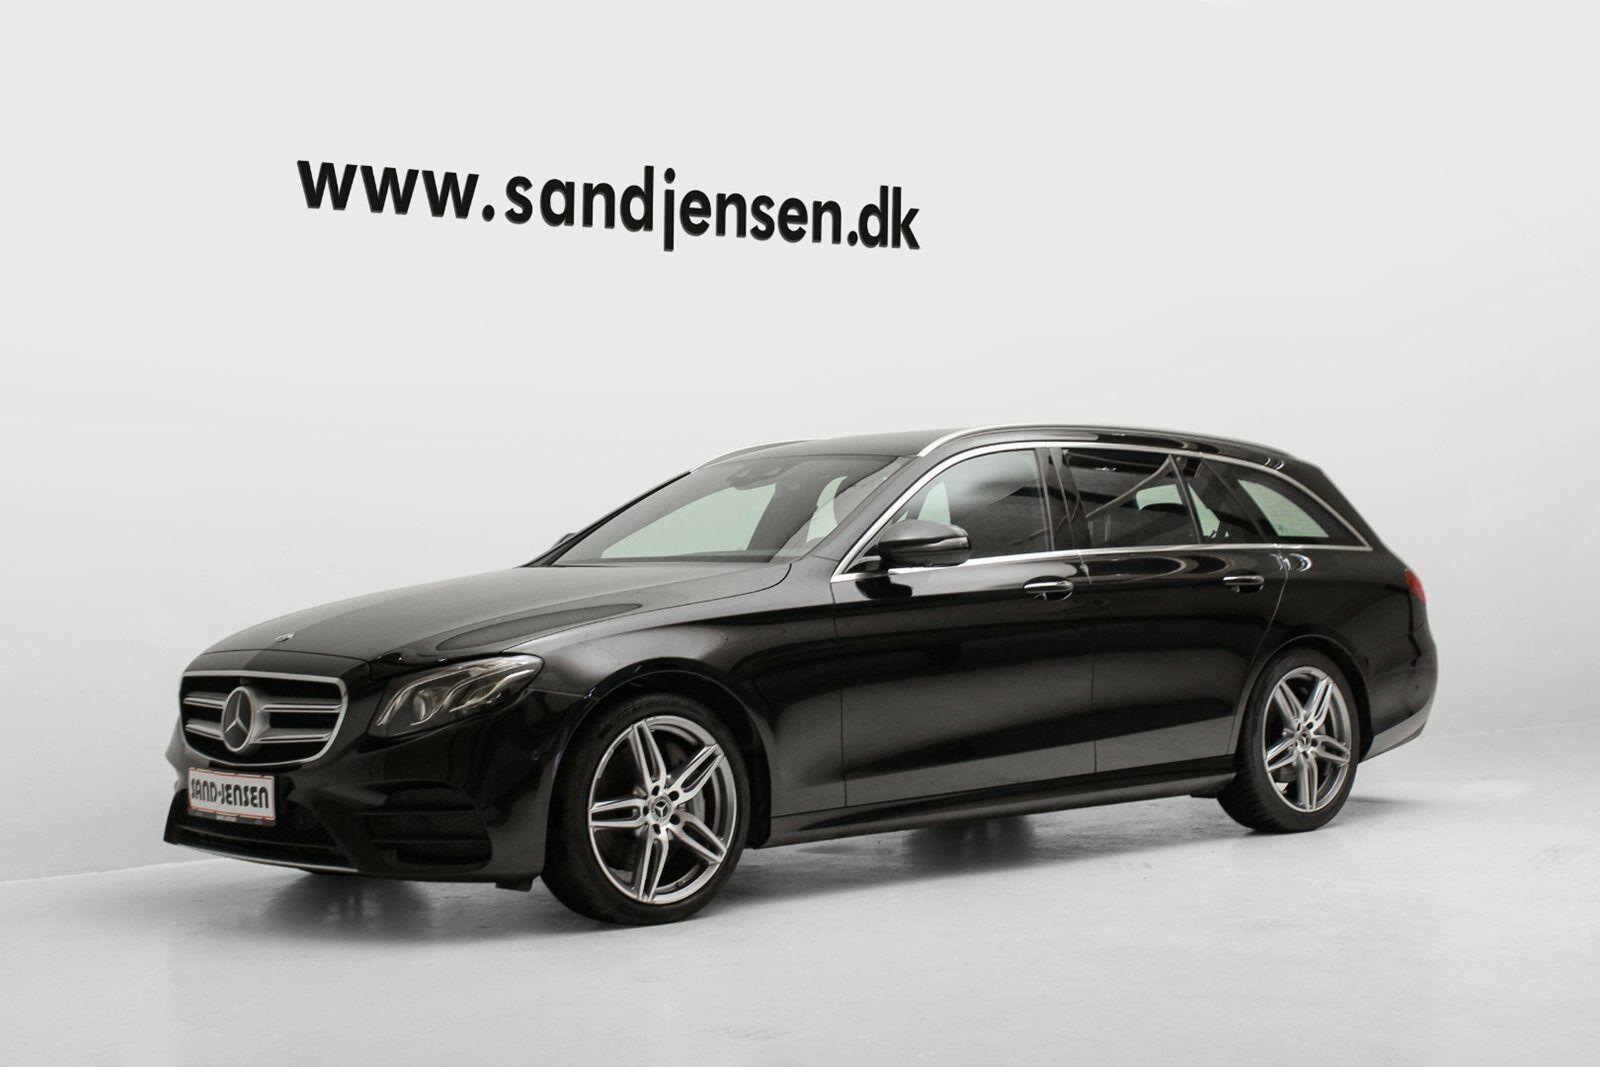 Mercedes E350 d 3,0 AMG Line stc. aut. 5d - 614.900 kr.